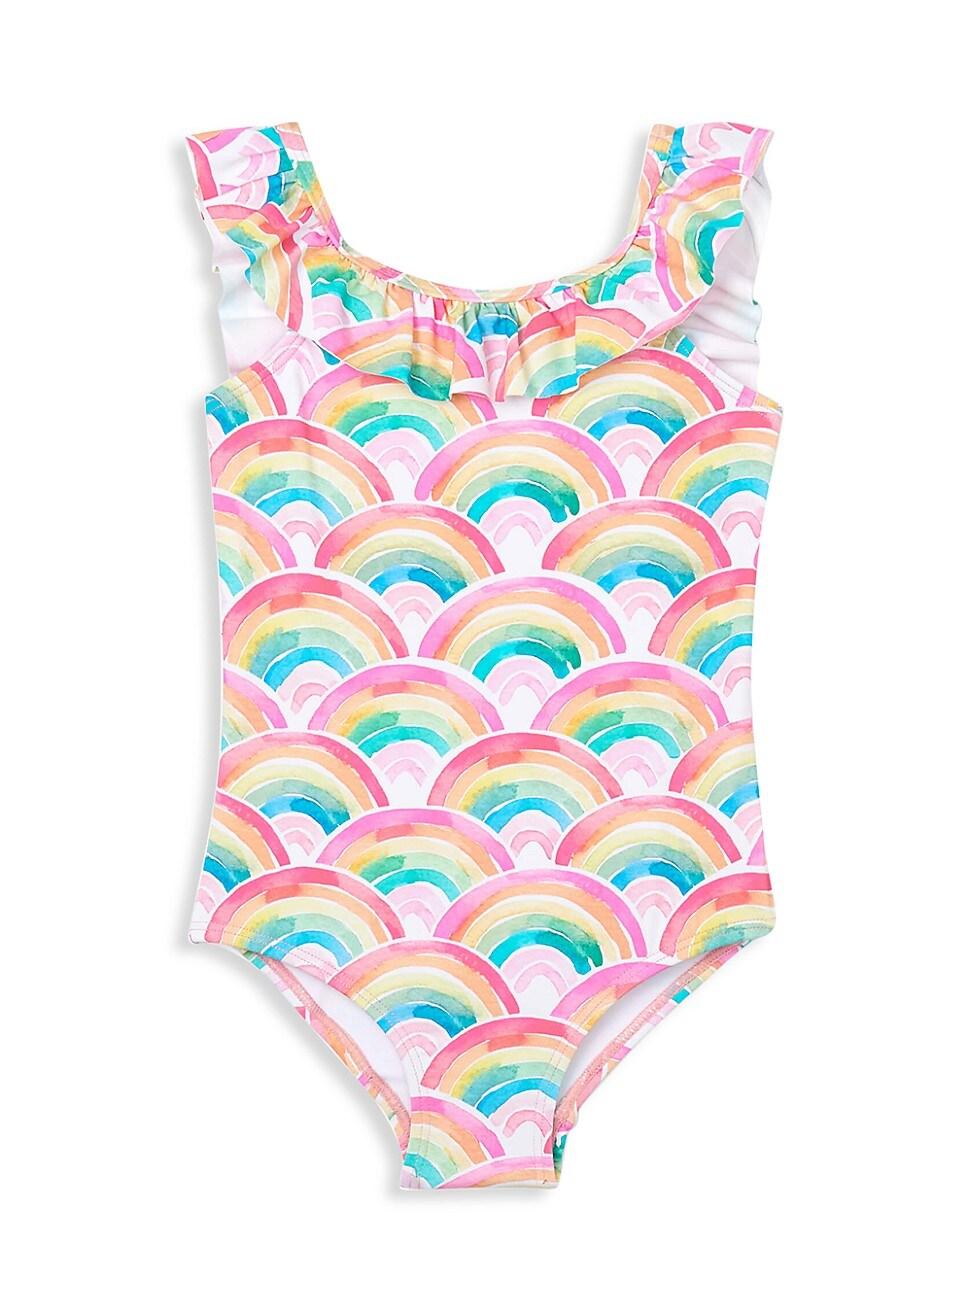 Hatley Swimwears LITTLE GIRL'S AND GIRL'S OVER THE RAINBOW RUFFLE SLEEVE SWIMSUIT